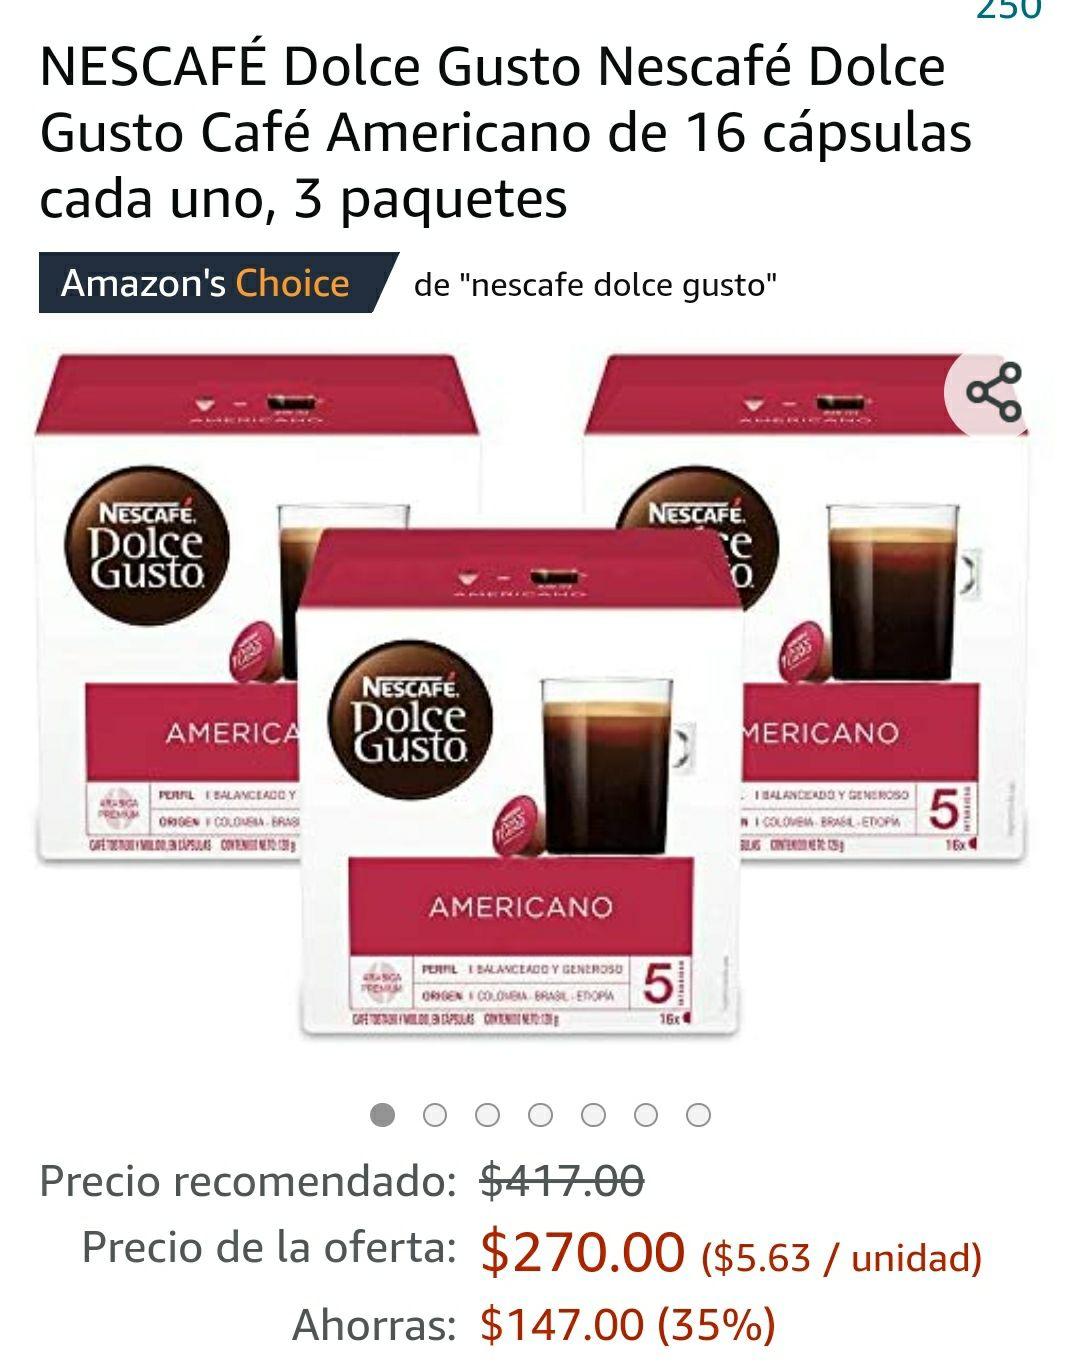 Amazon: Dolce gusto 3 cajas americano (con prime)